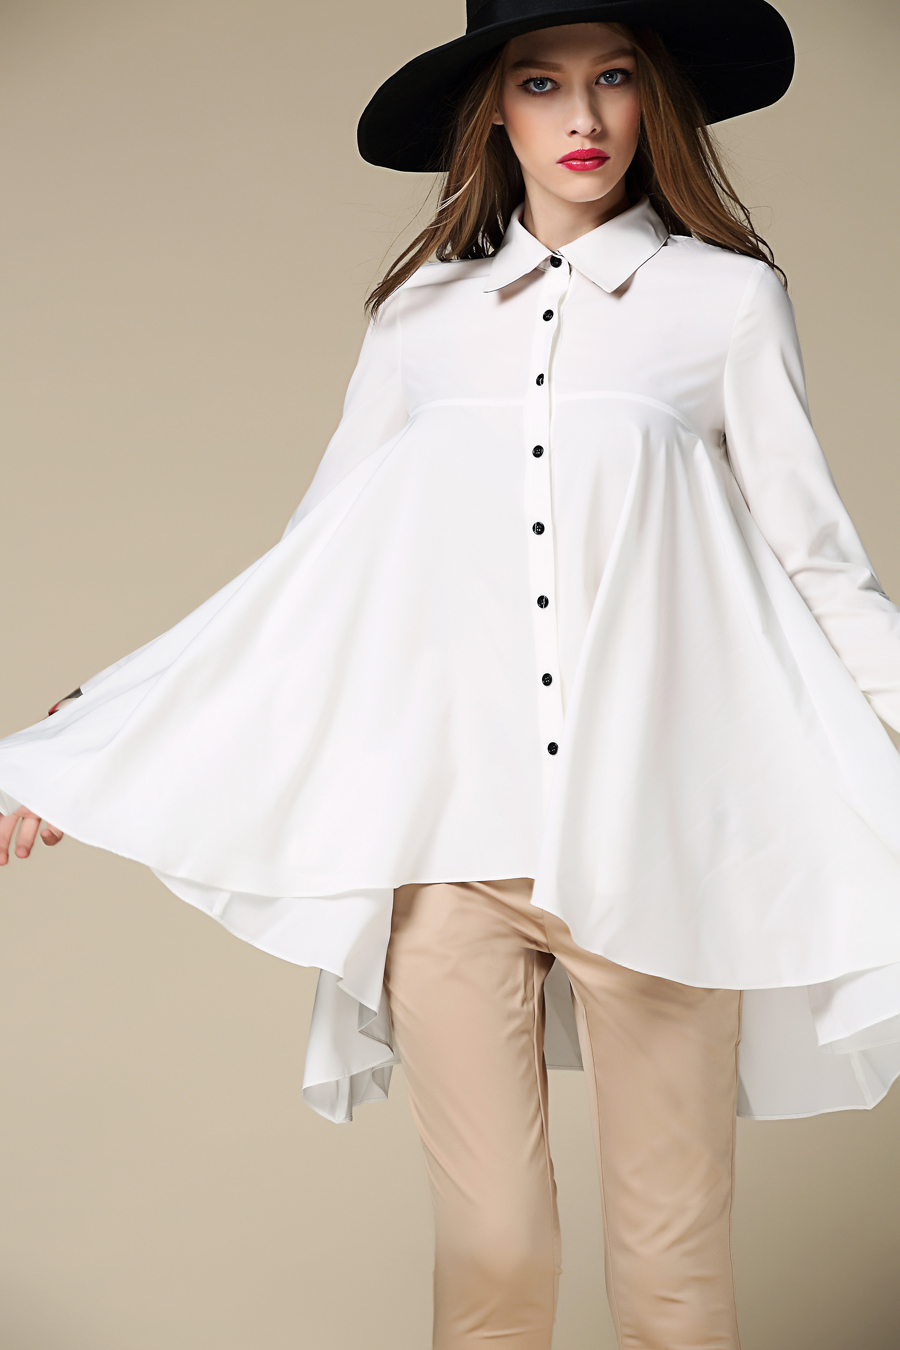 Женские блузки и Рубашки BUBOREEY 2015 & Falbala 3 BR-6035 женские блузки и рубашки 2014